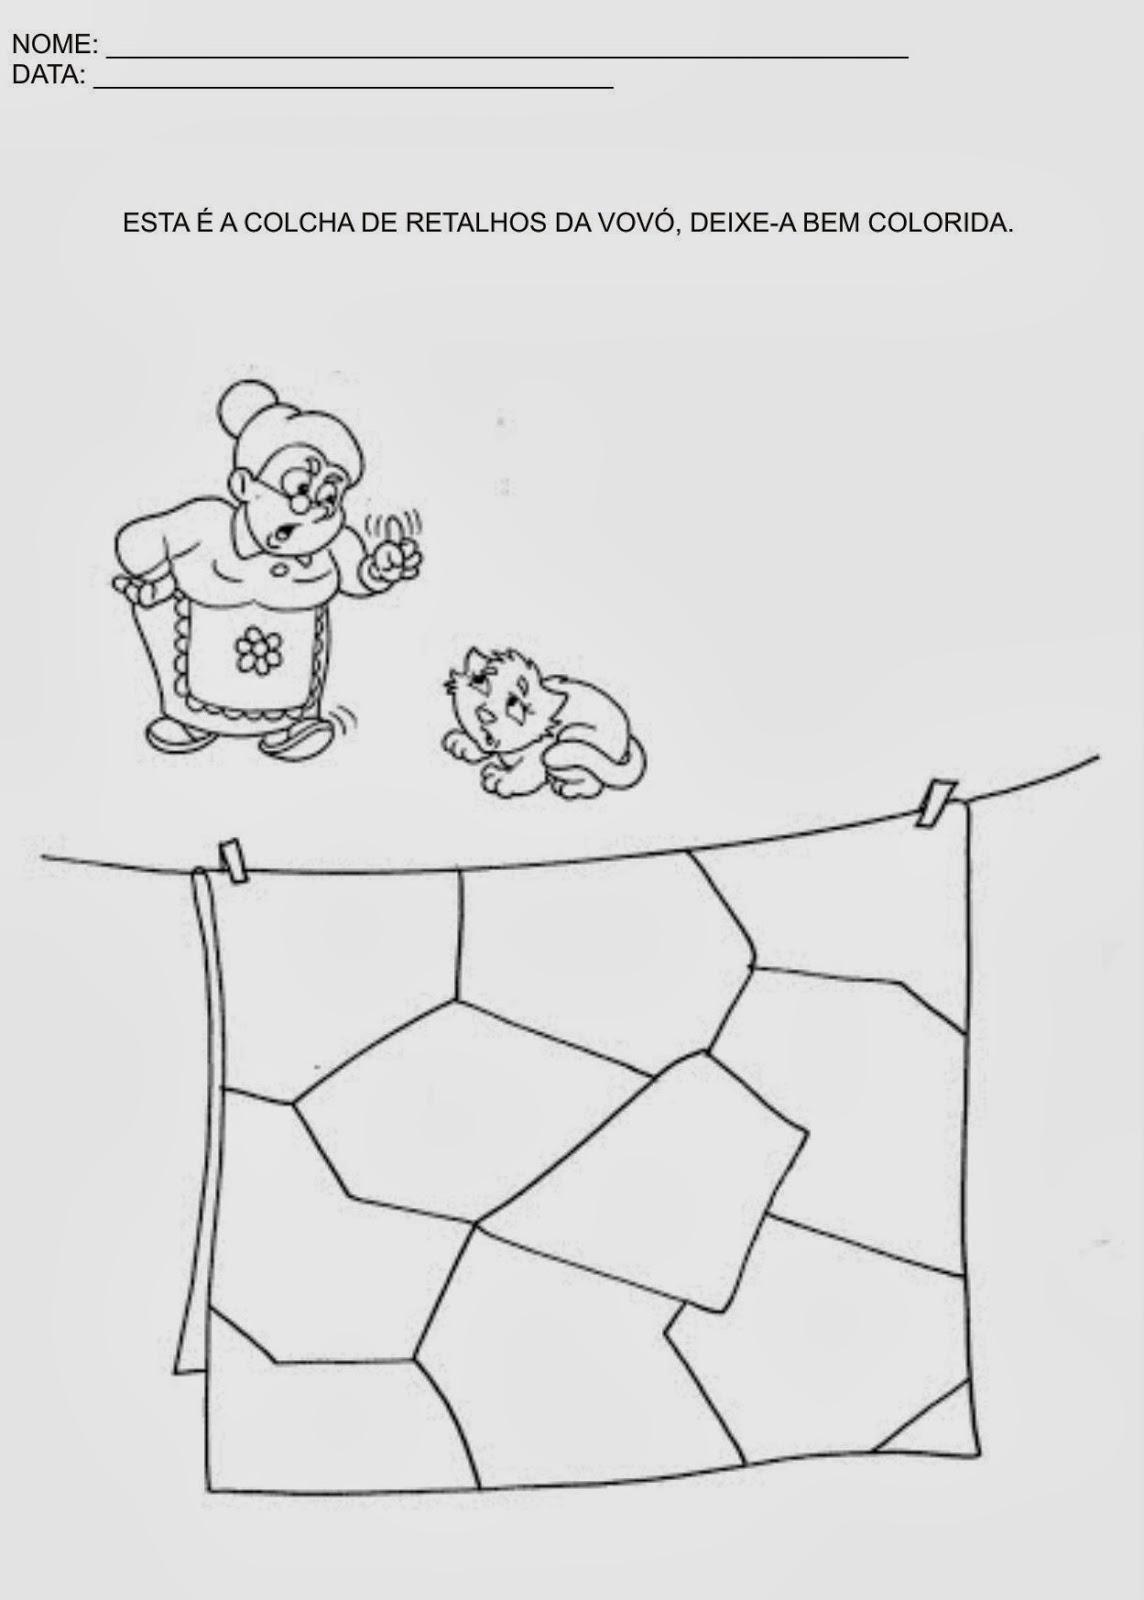 Atividades de Artes para Educação Infantil - Pinte a colcha da vovó